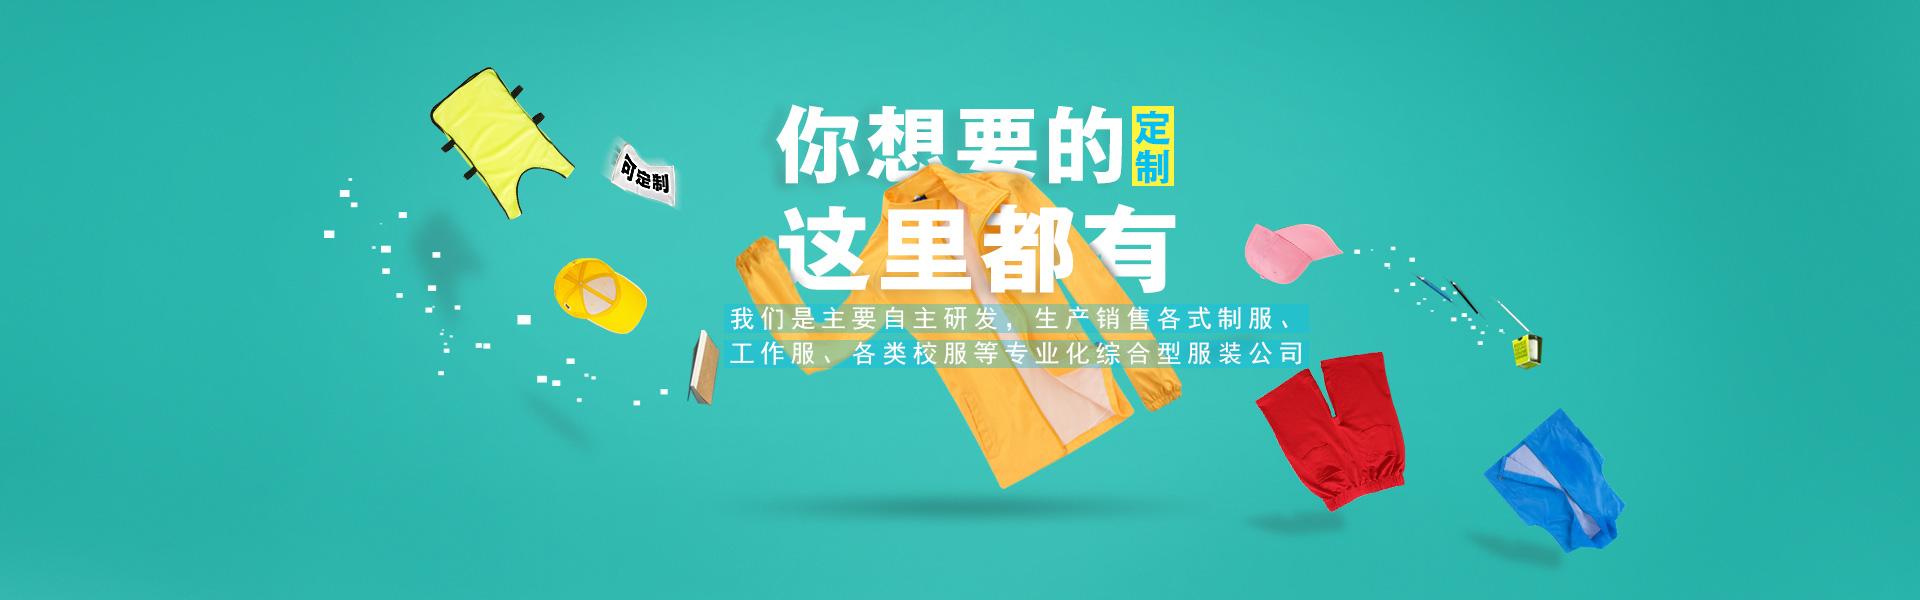 南宁工作服批发,柳州校服定制,桂林办公制服定做厂家